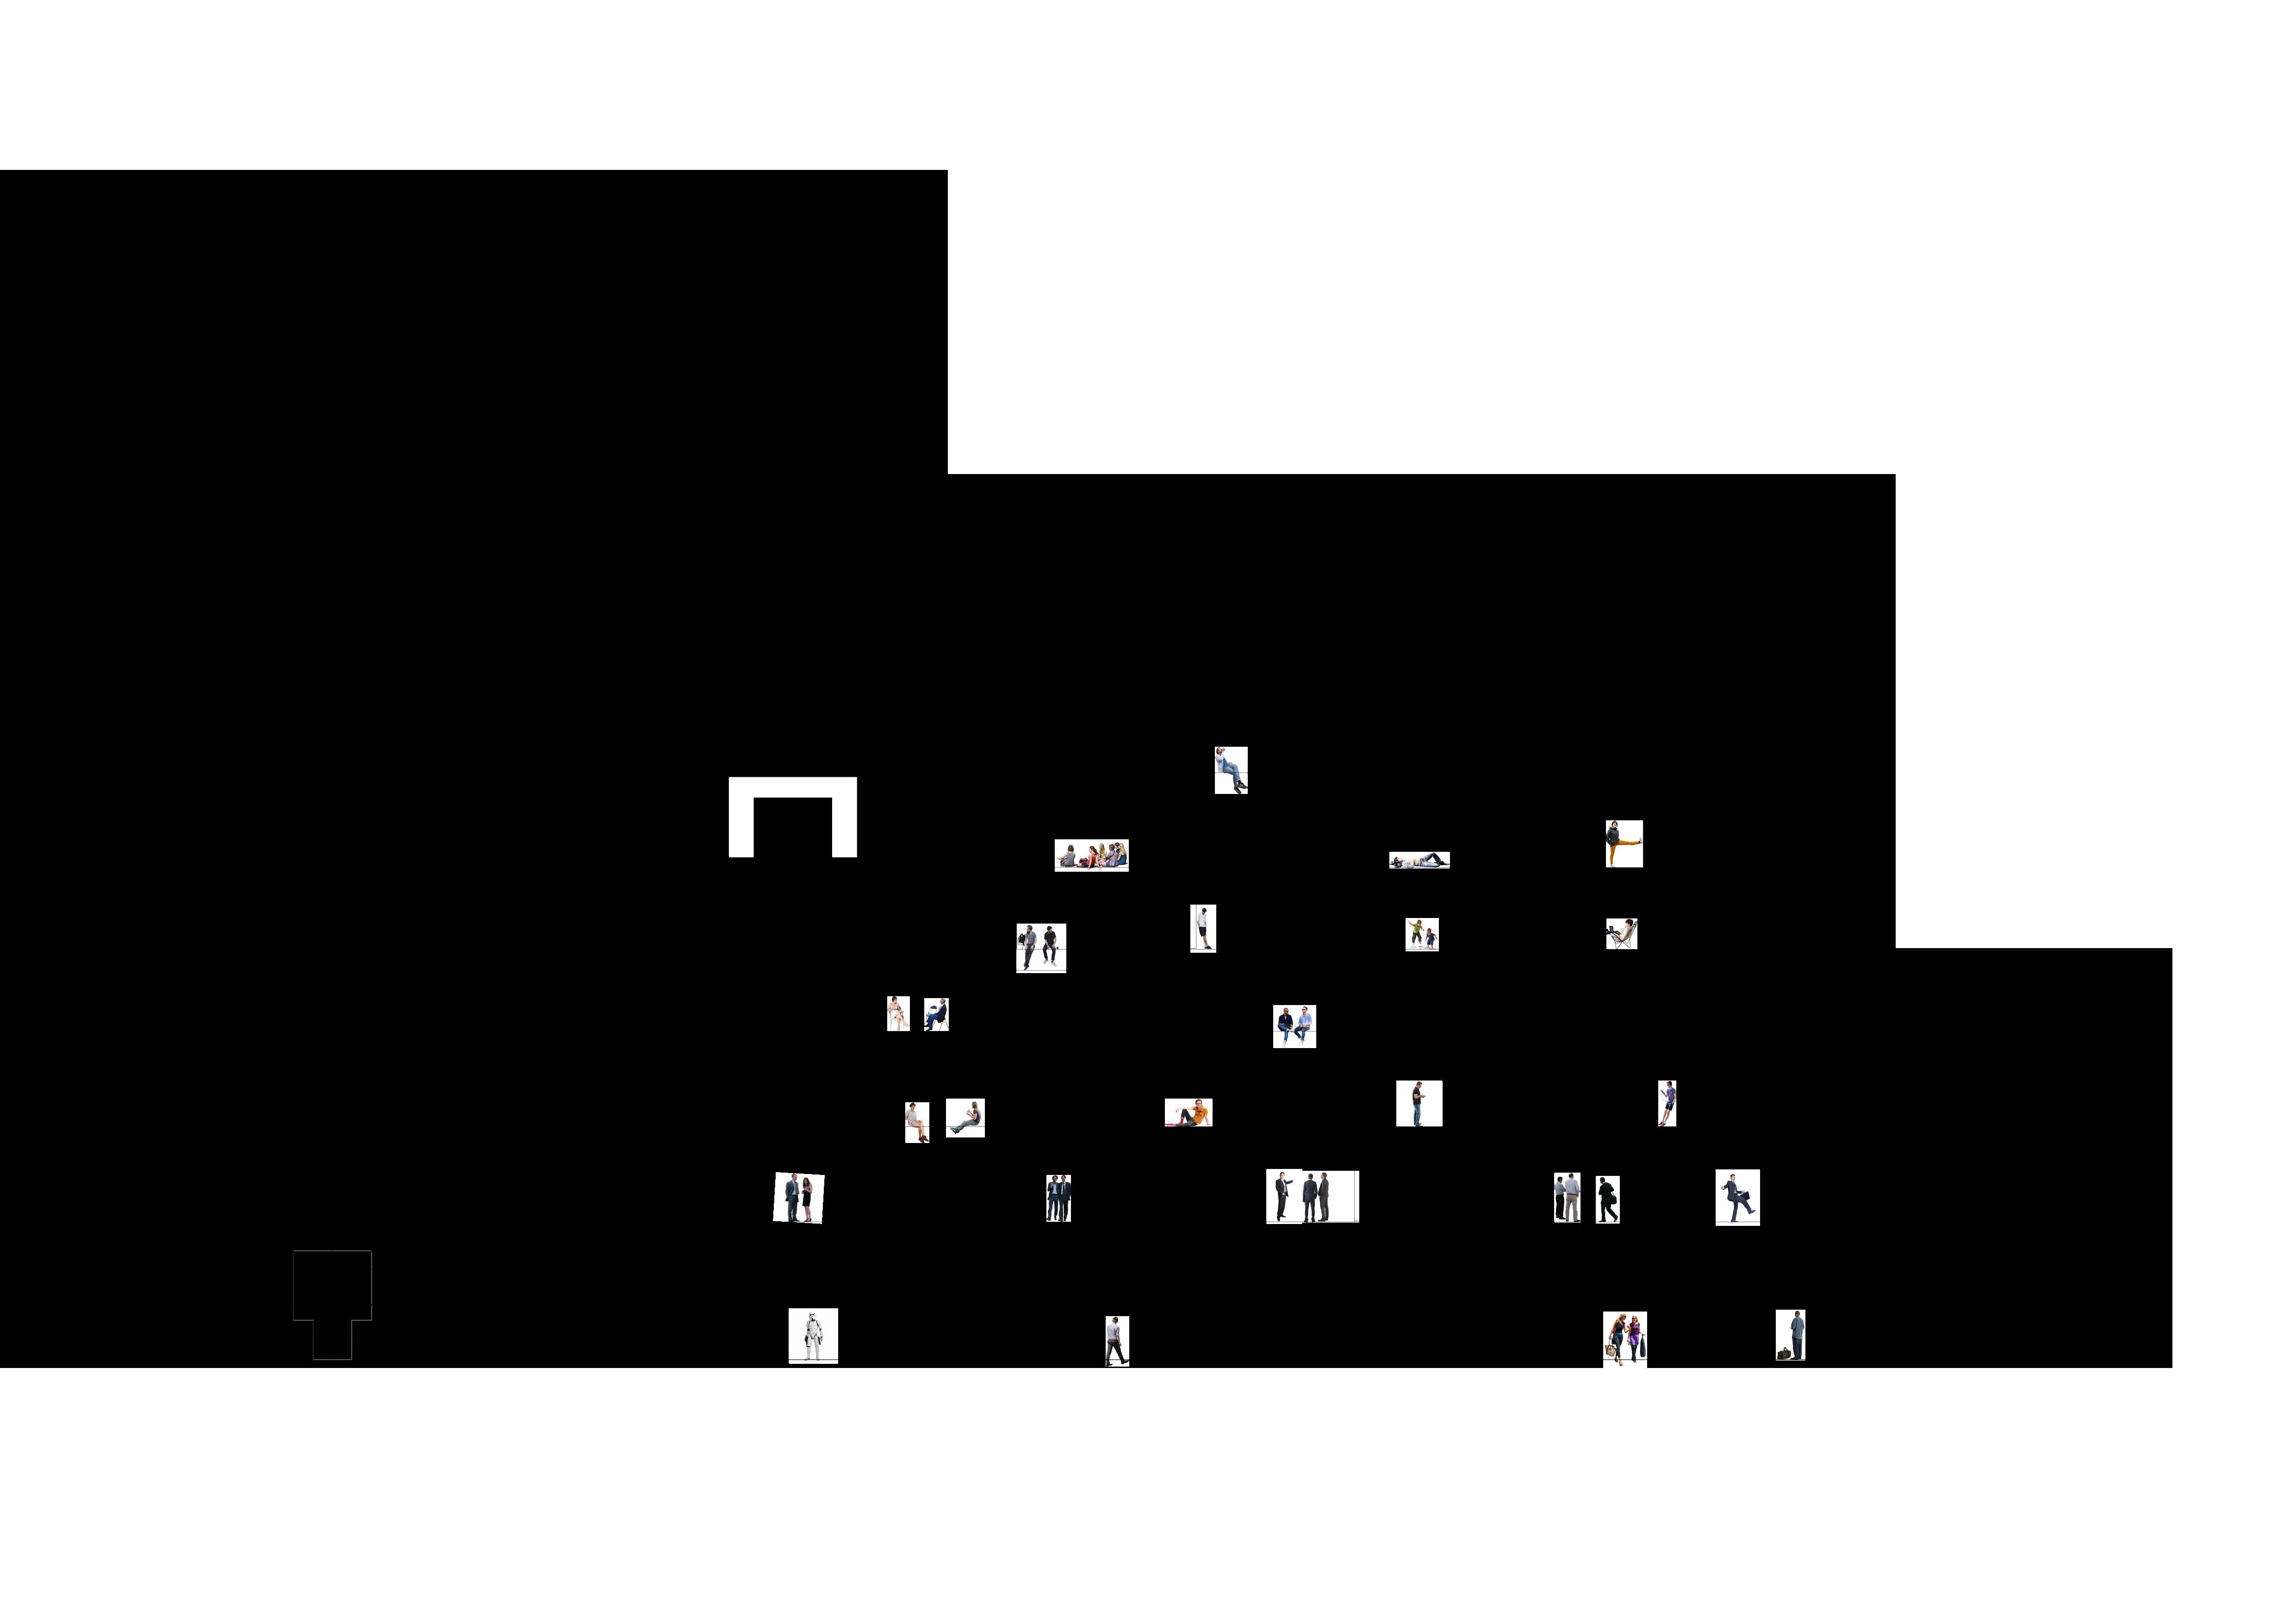 210602_Schema-01-3-1